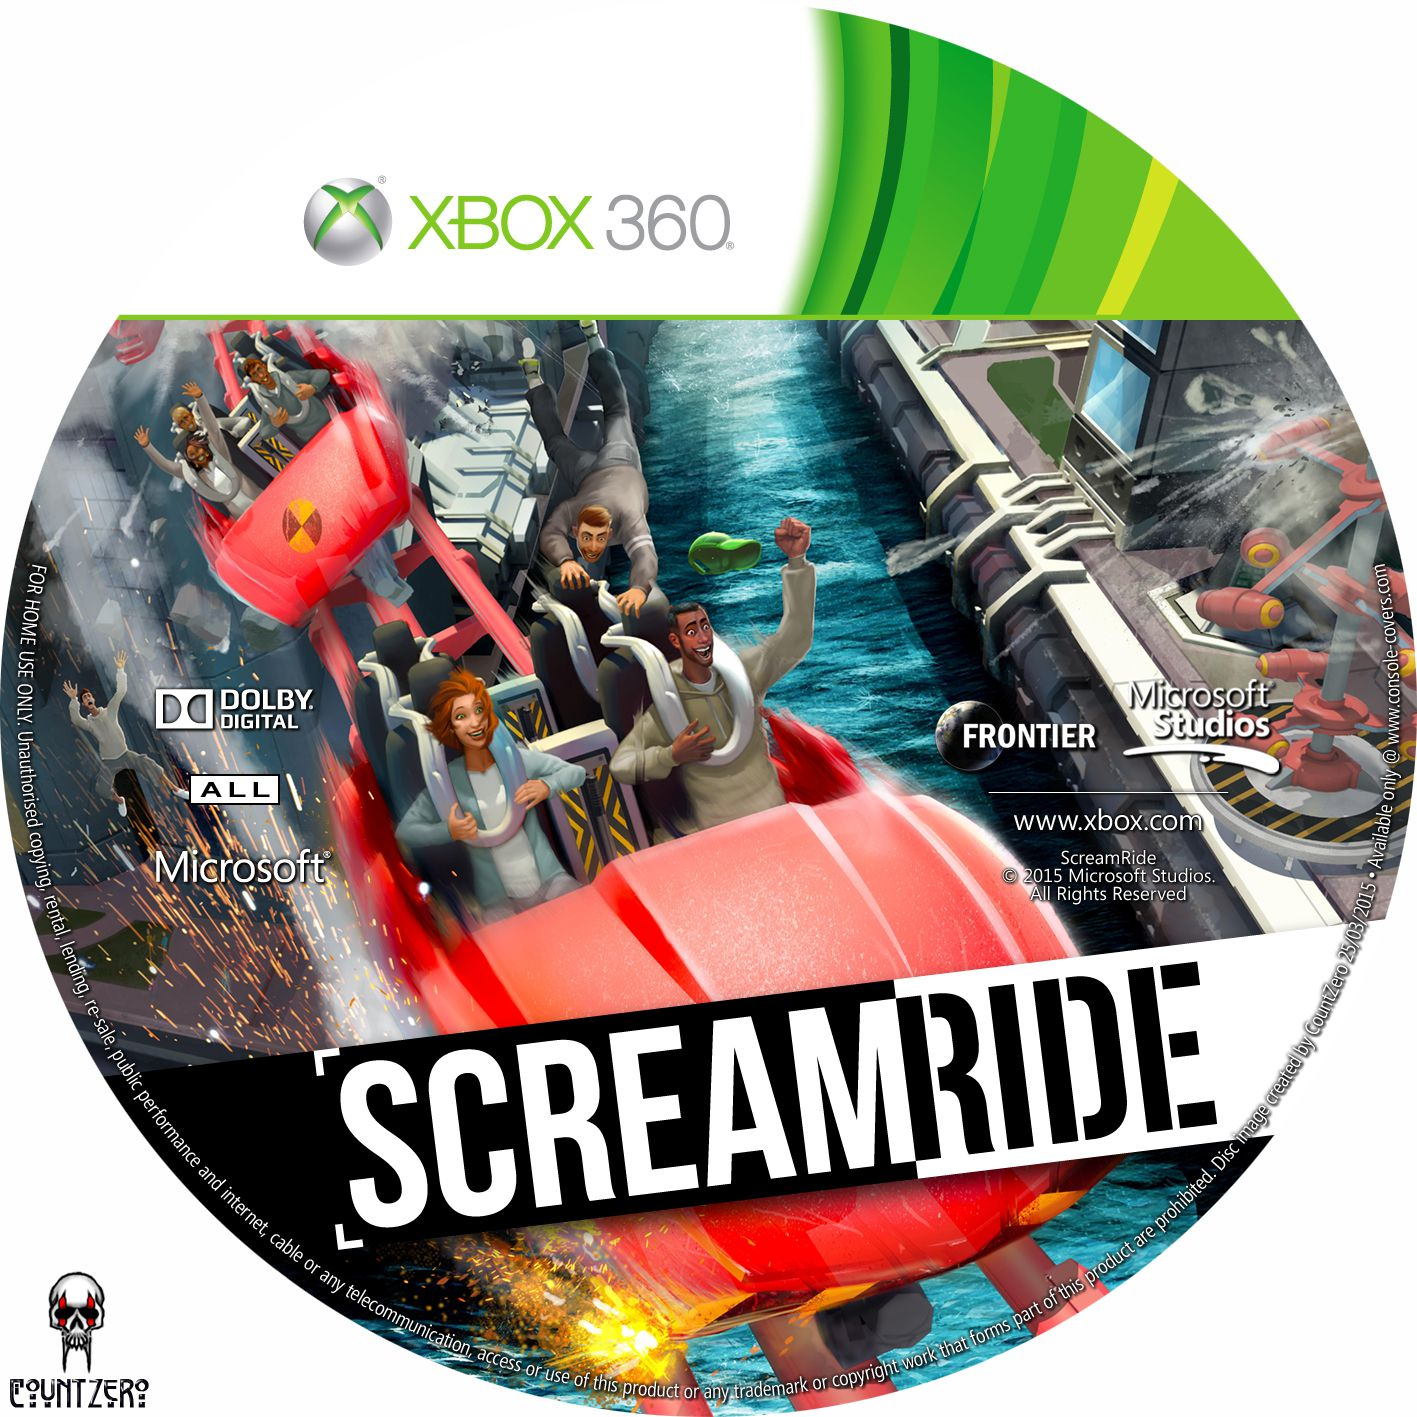 Label Scream Ride Xbox 360